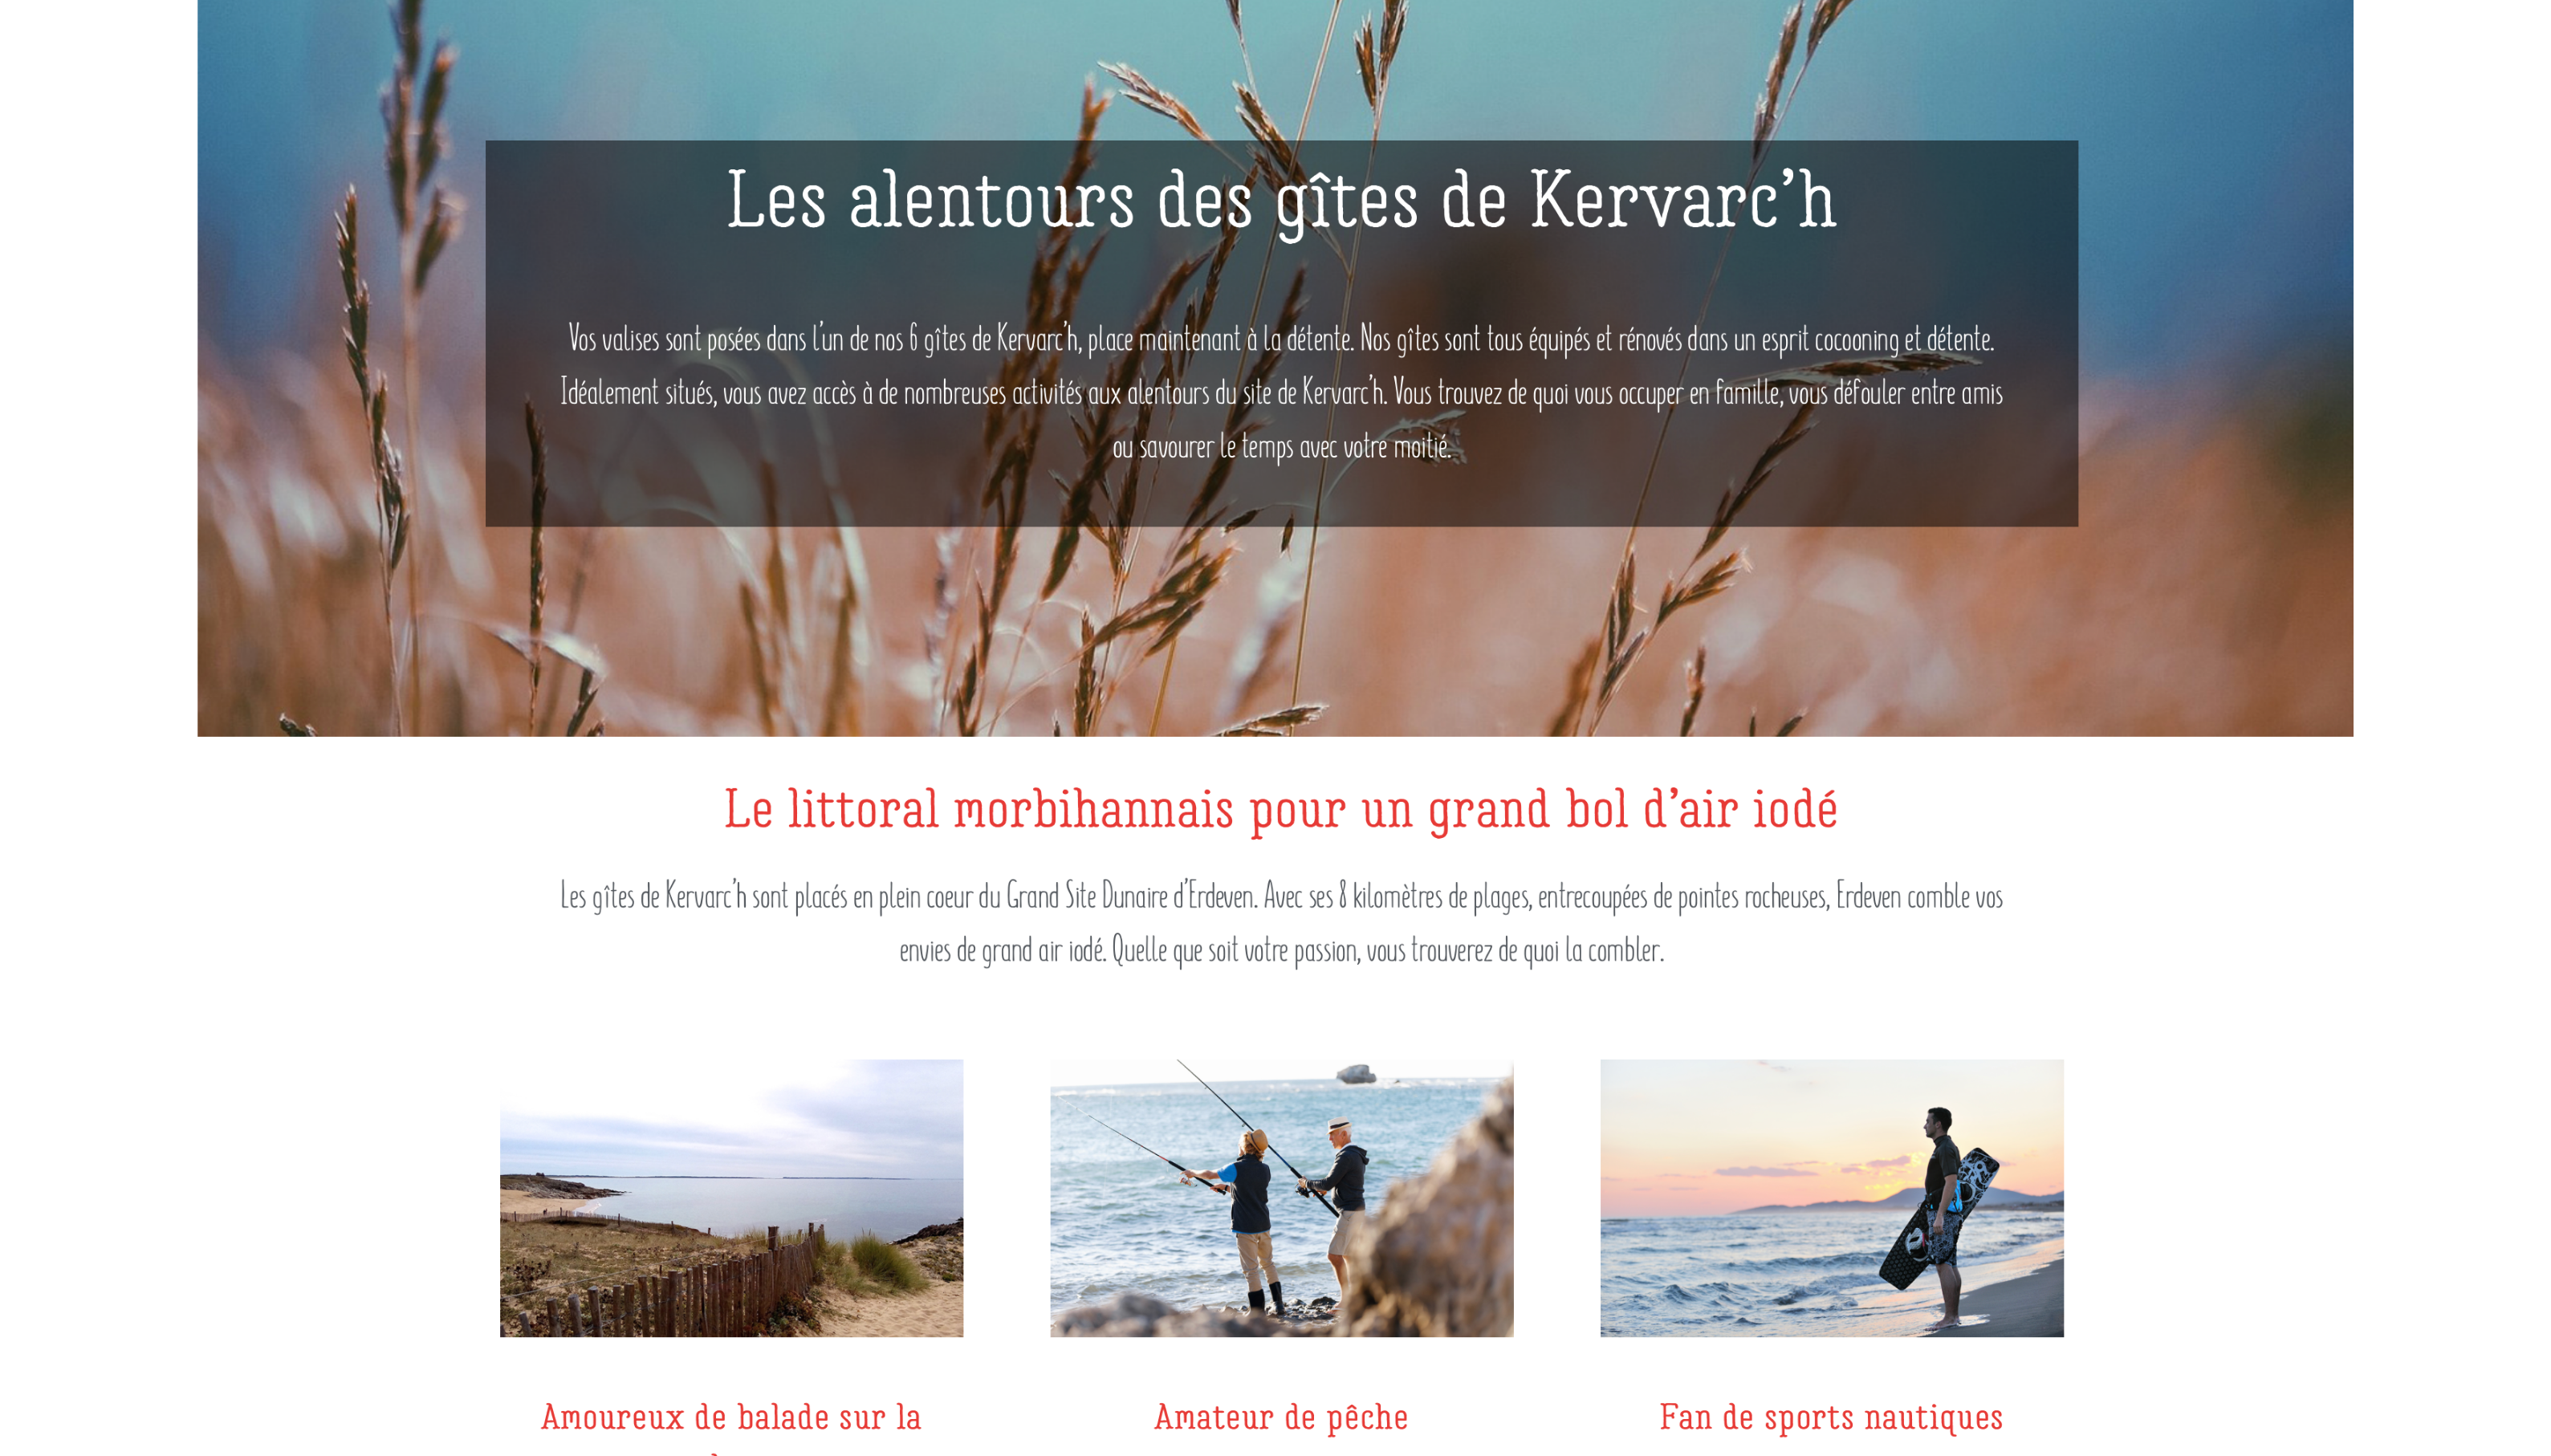 Les Gites de Kervarc'h, Page Les alentours